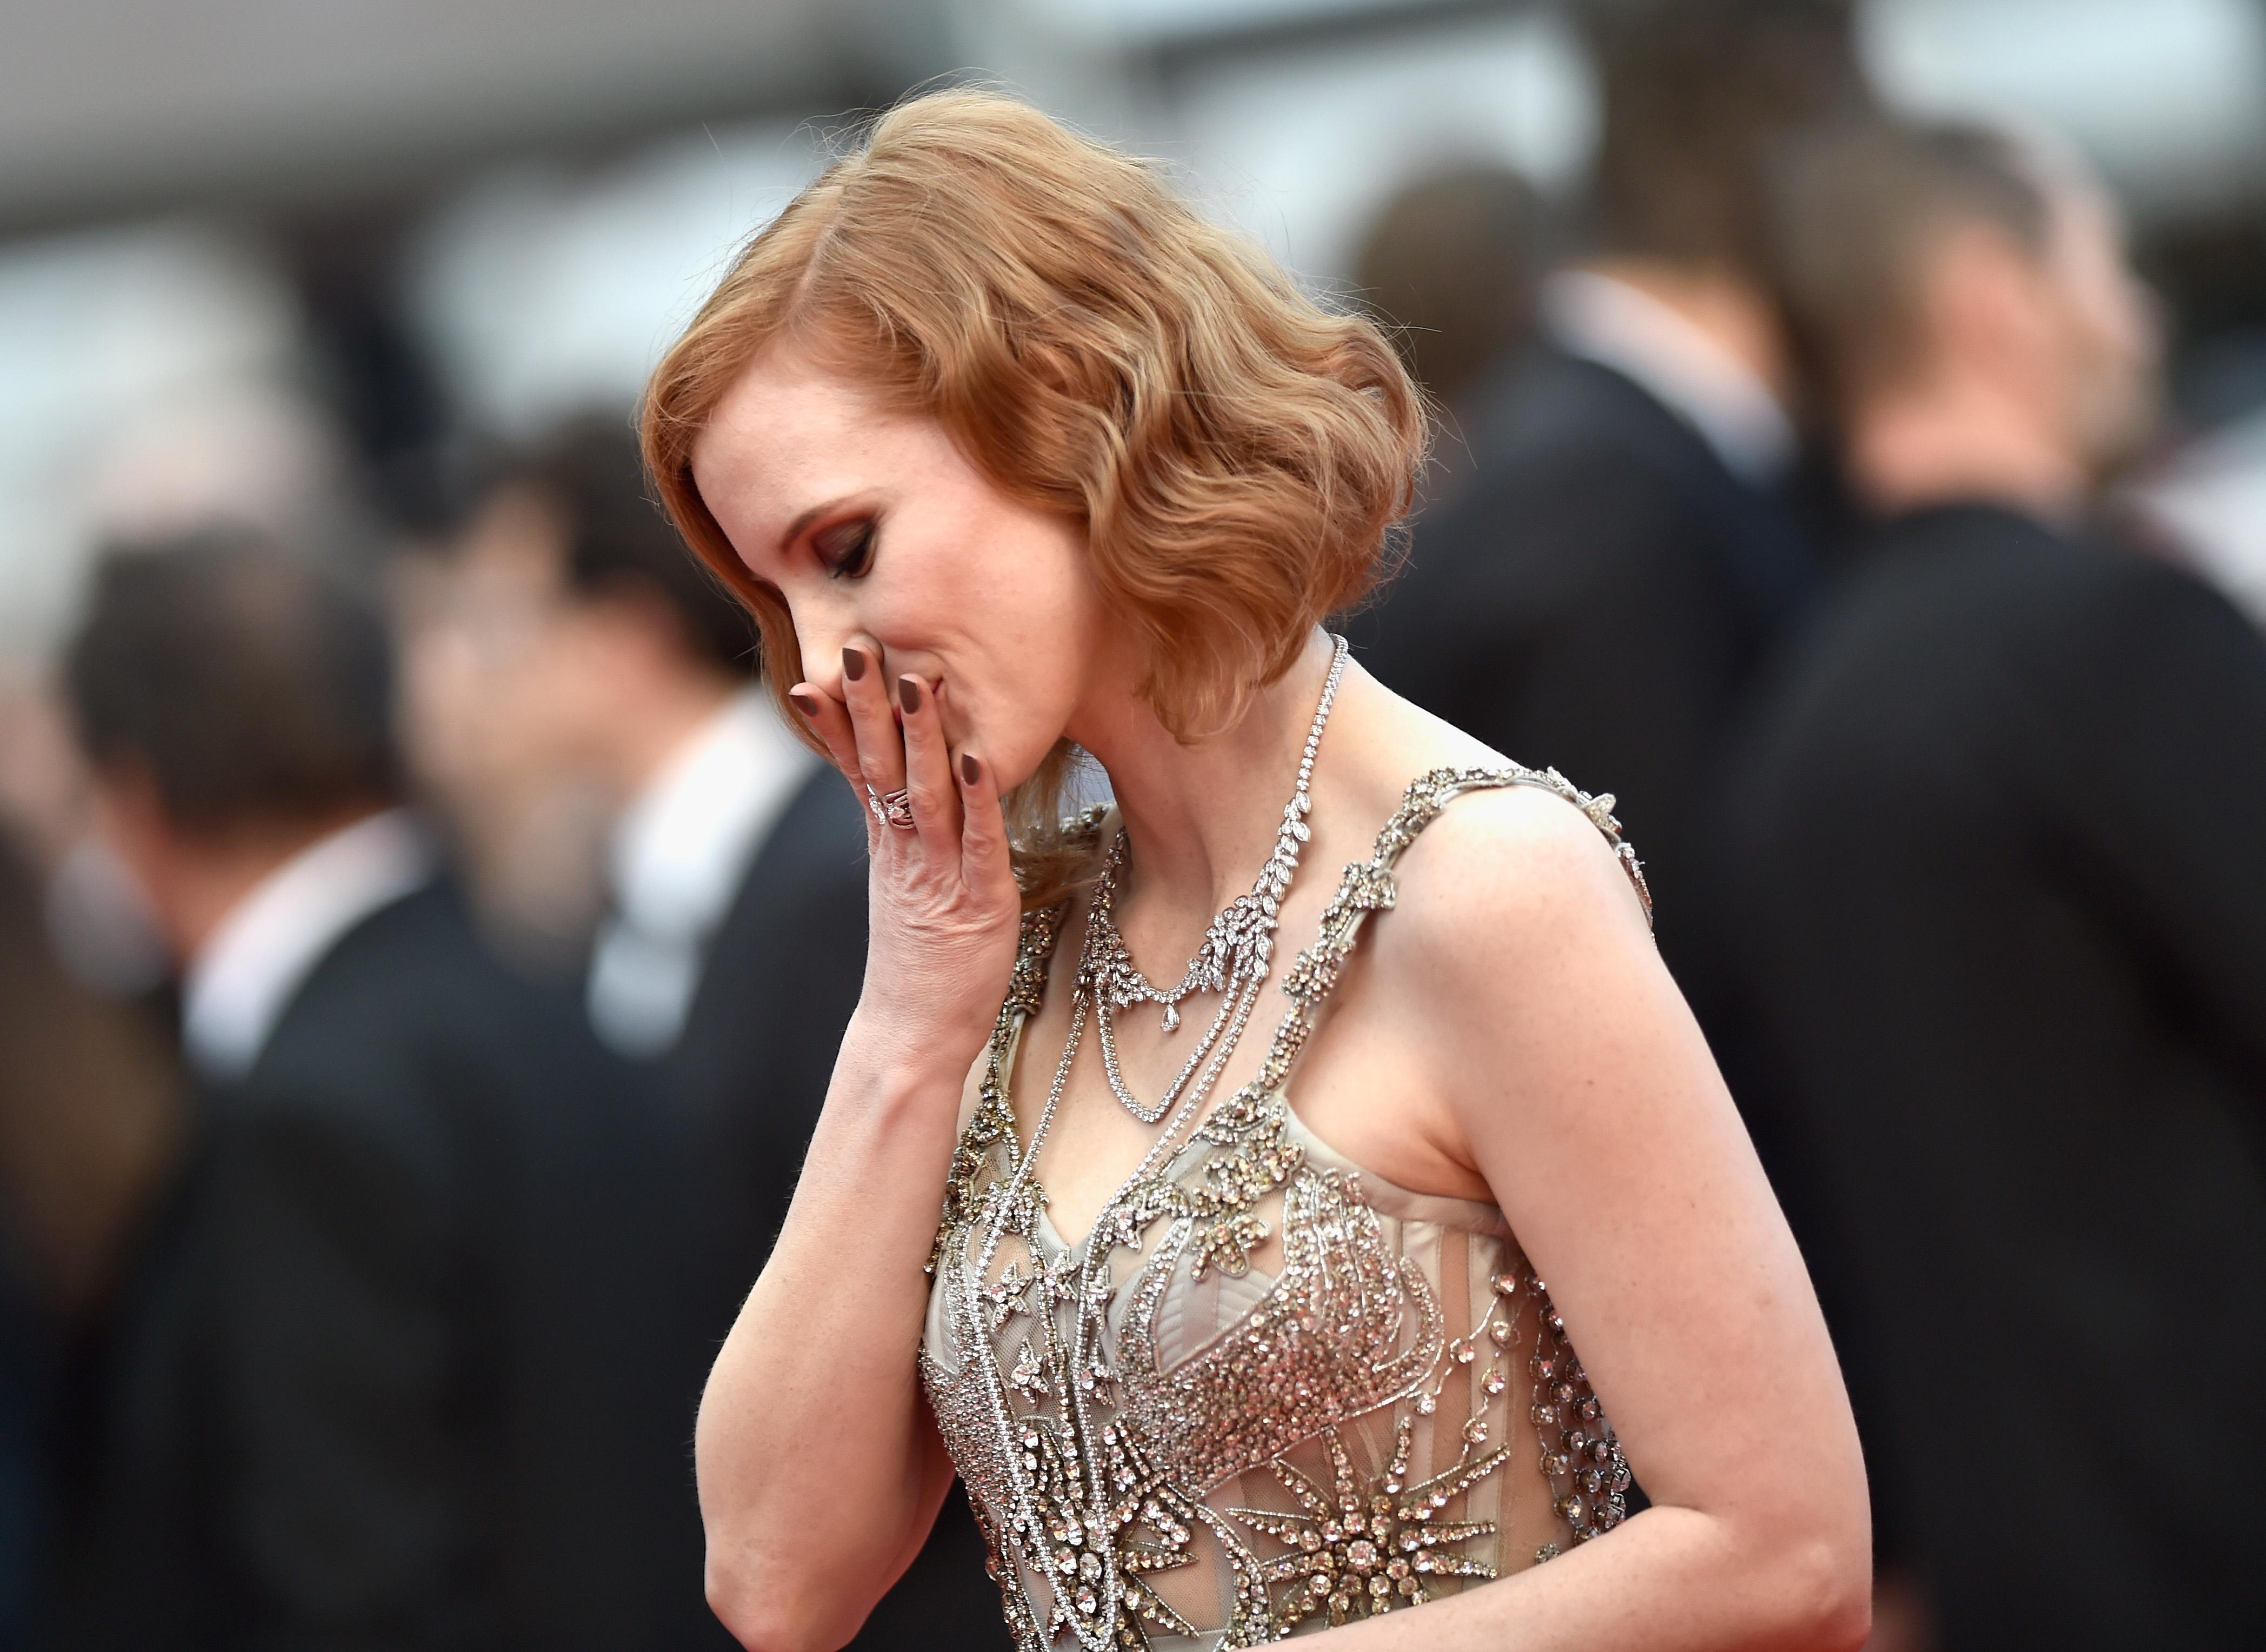 Jessica fará parte do júri do Festival de Cannes